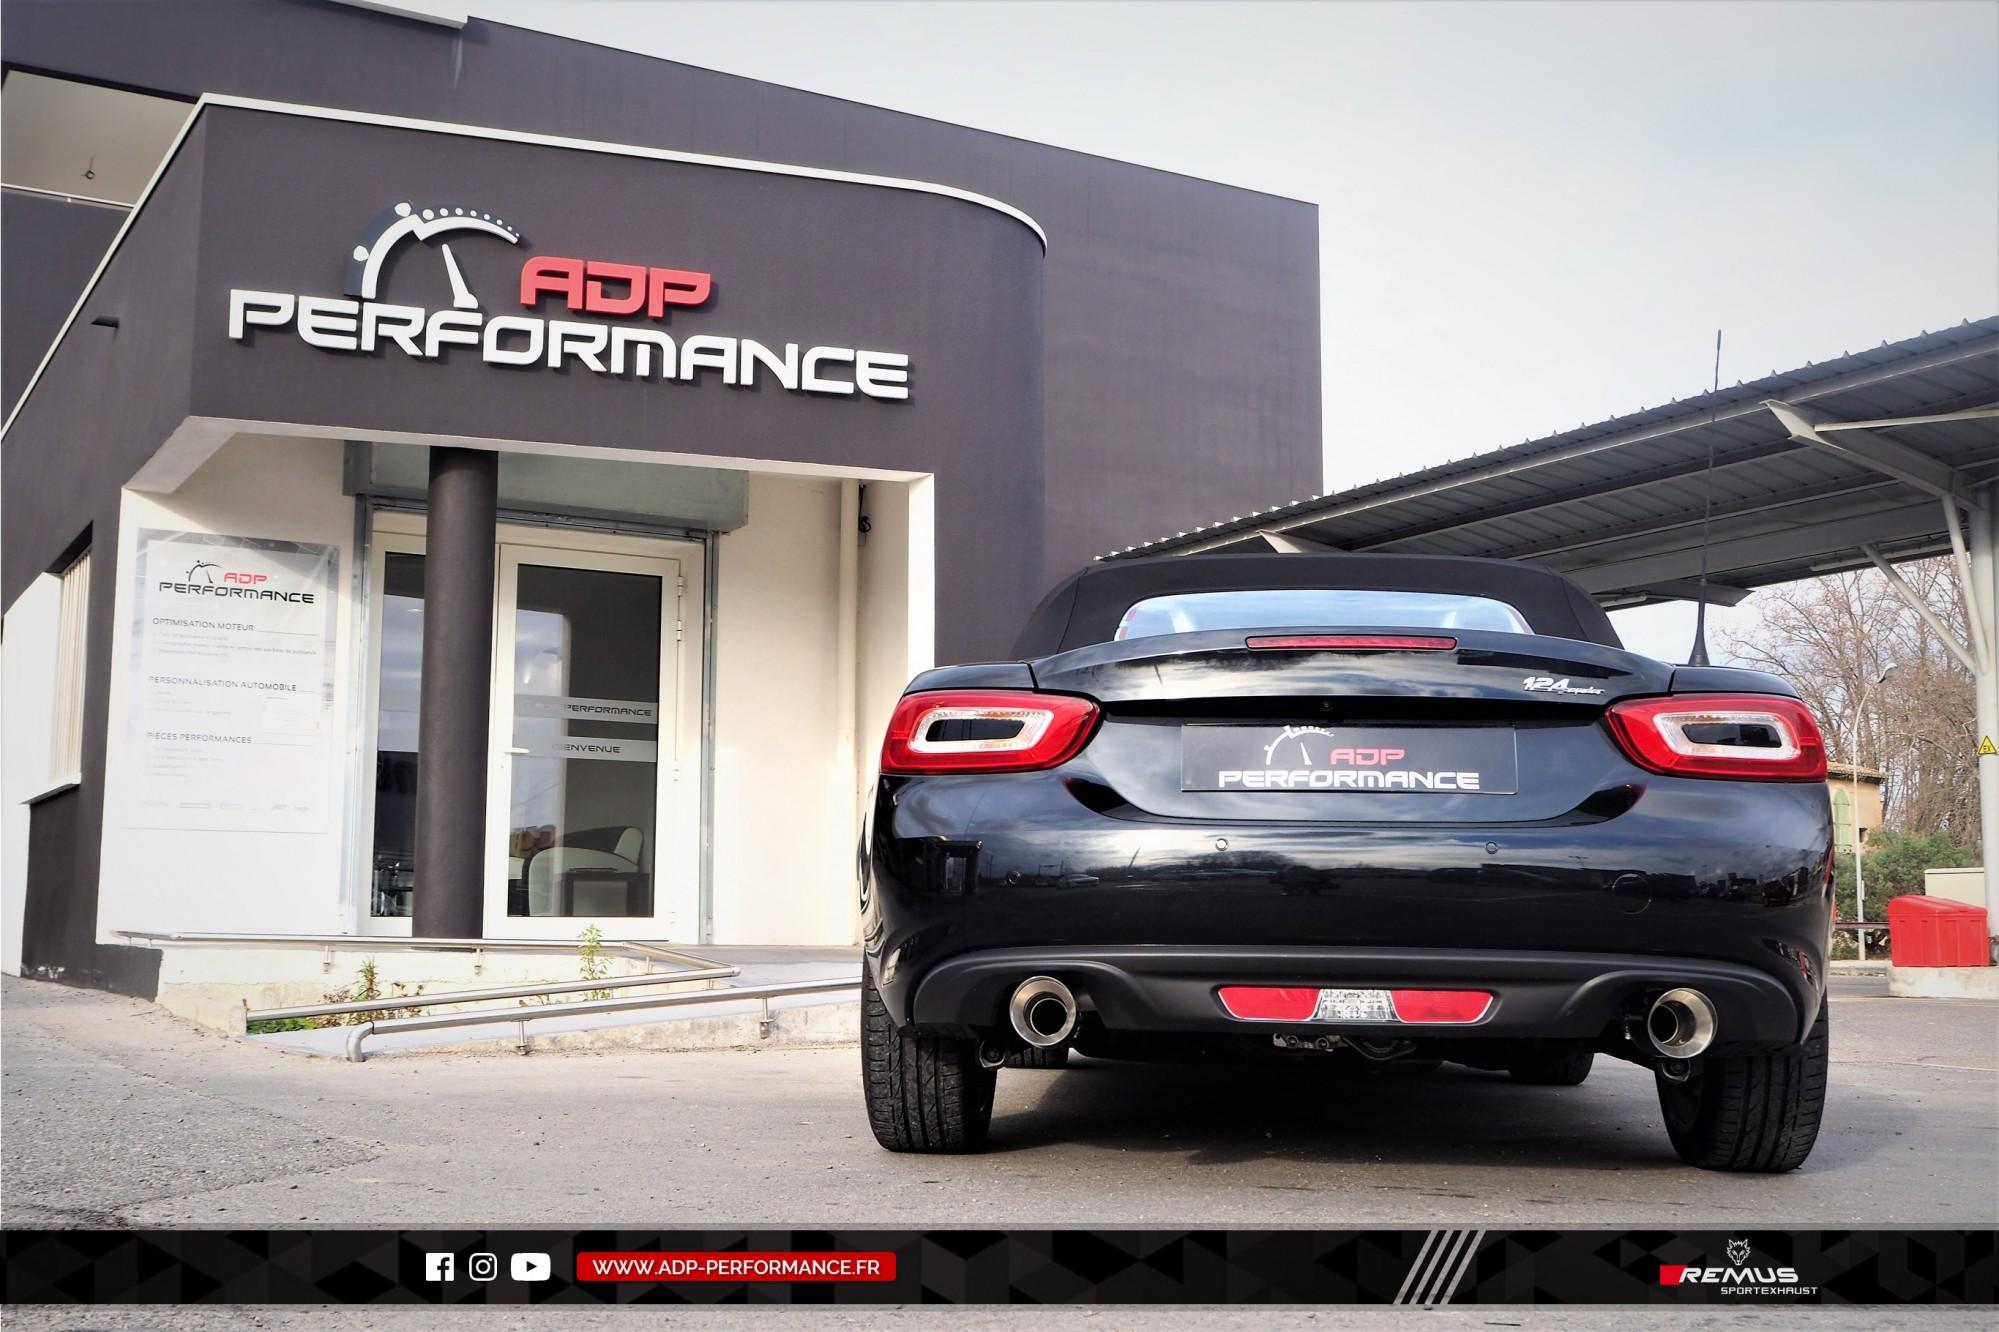 Ligne d'échappement (silencieux) Remus Marseille - Fiat 124 Spider - ADP Performance